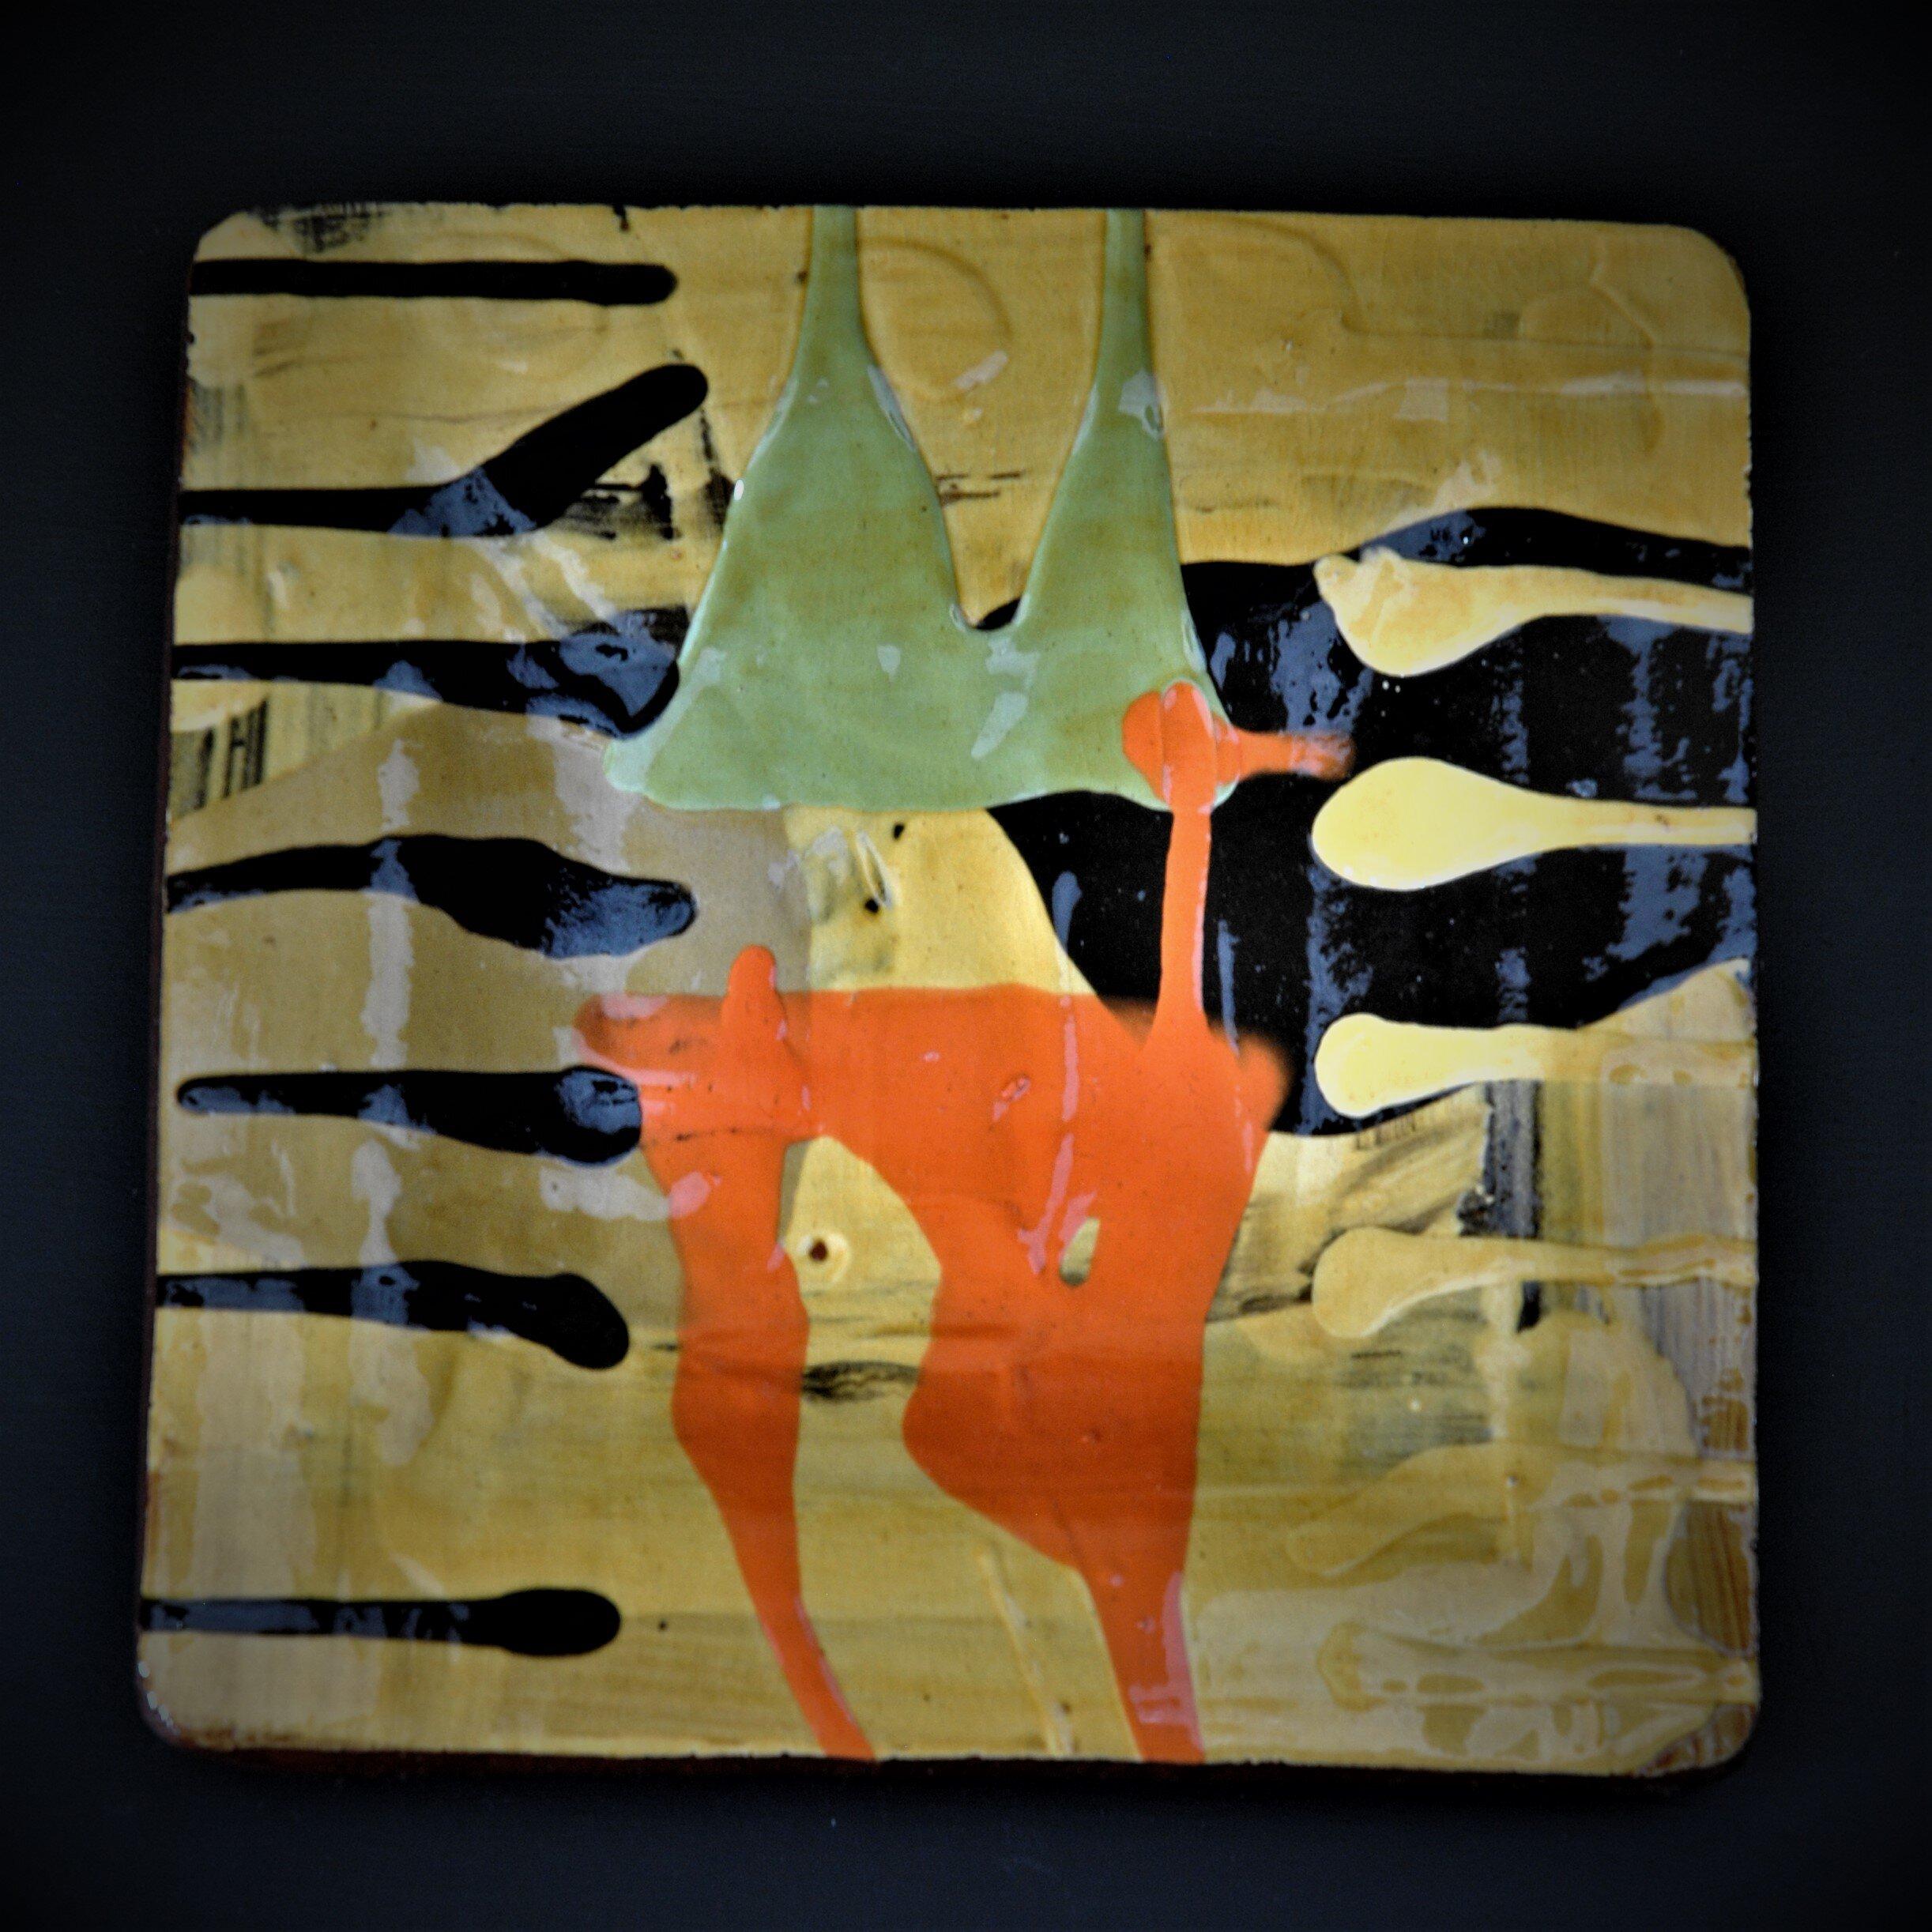 Mike Cain ceramics poster 21.08.16 077.jpg